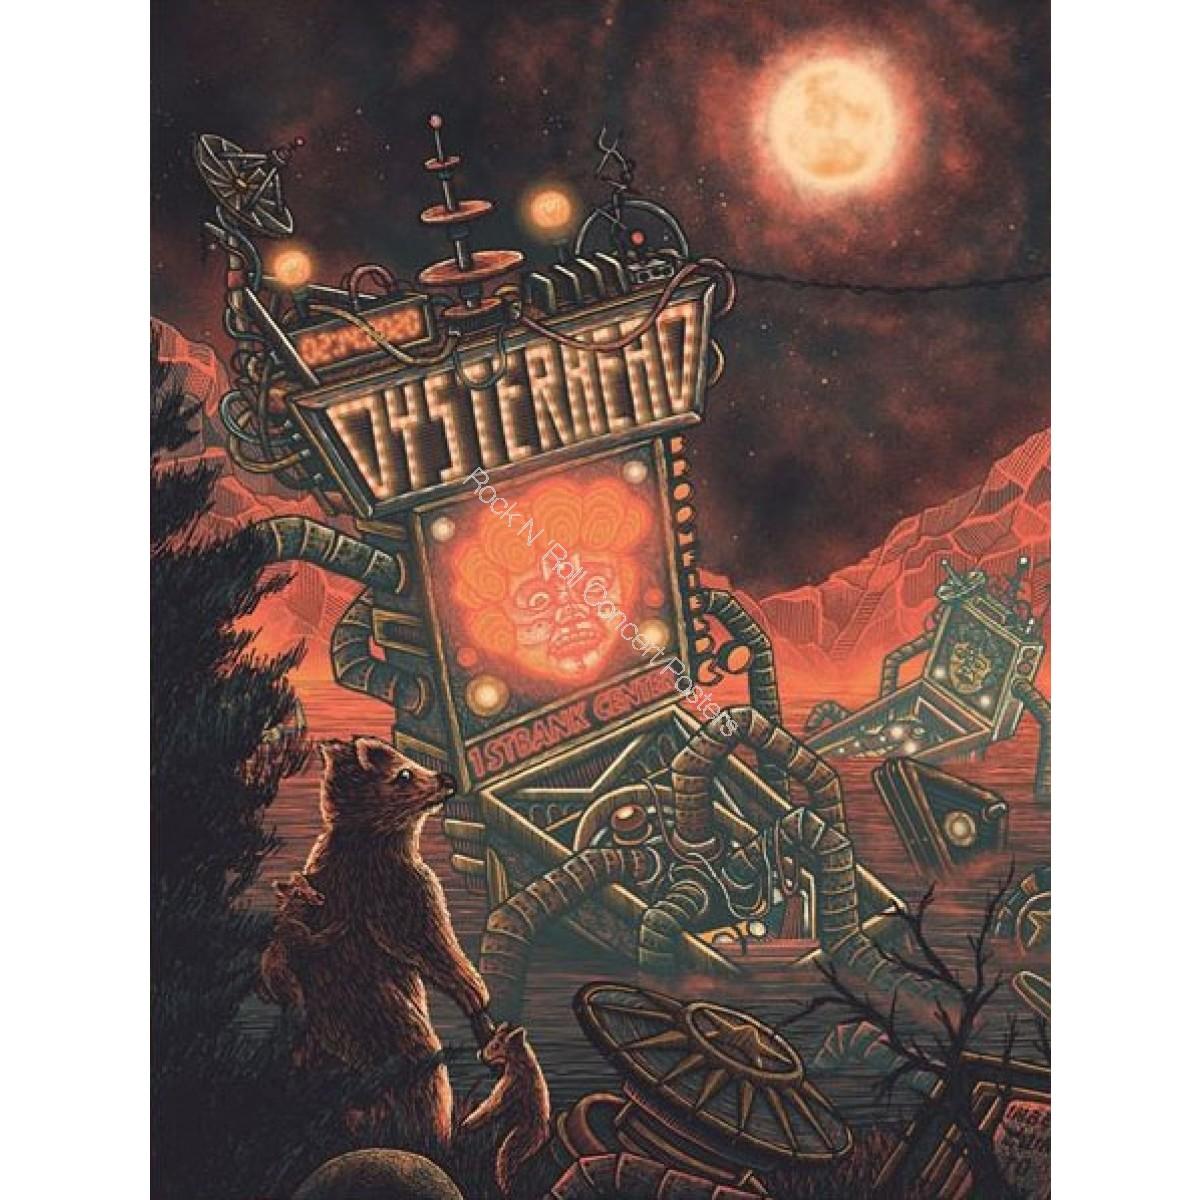 Oysterhead 1STBANK Center Broomfield Colorado 2/14/20 Official Silkscreen Concert Poster S/N edition of 500